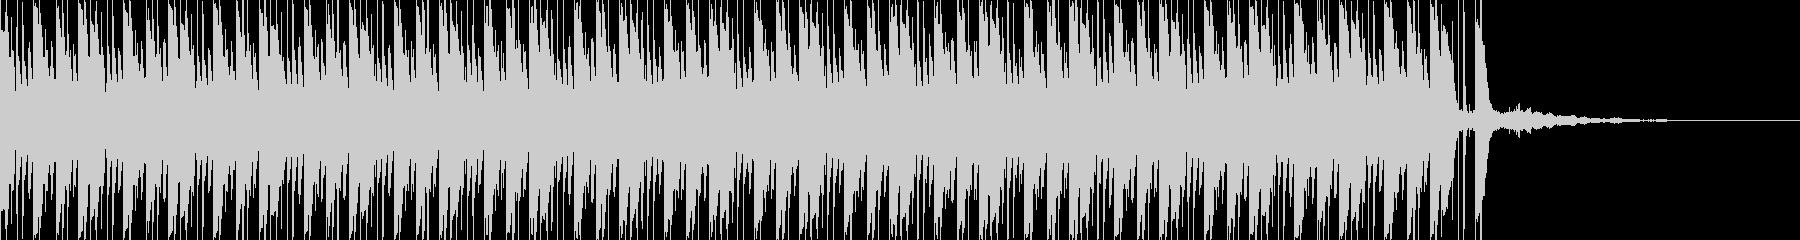 エレクトロビートとノイズの未再生の波形